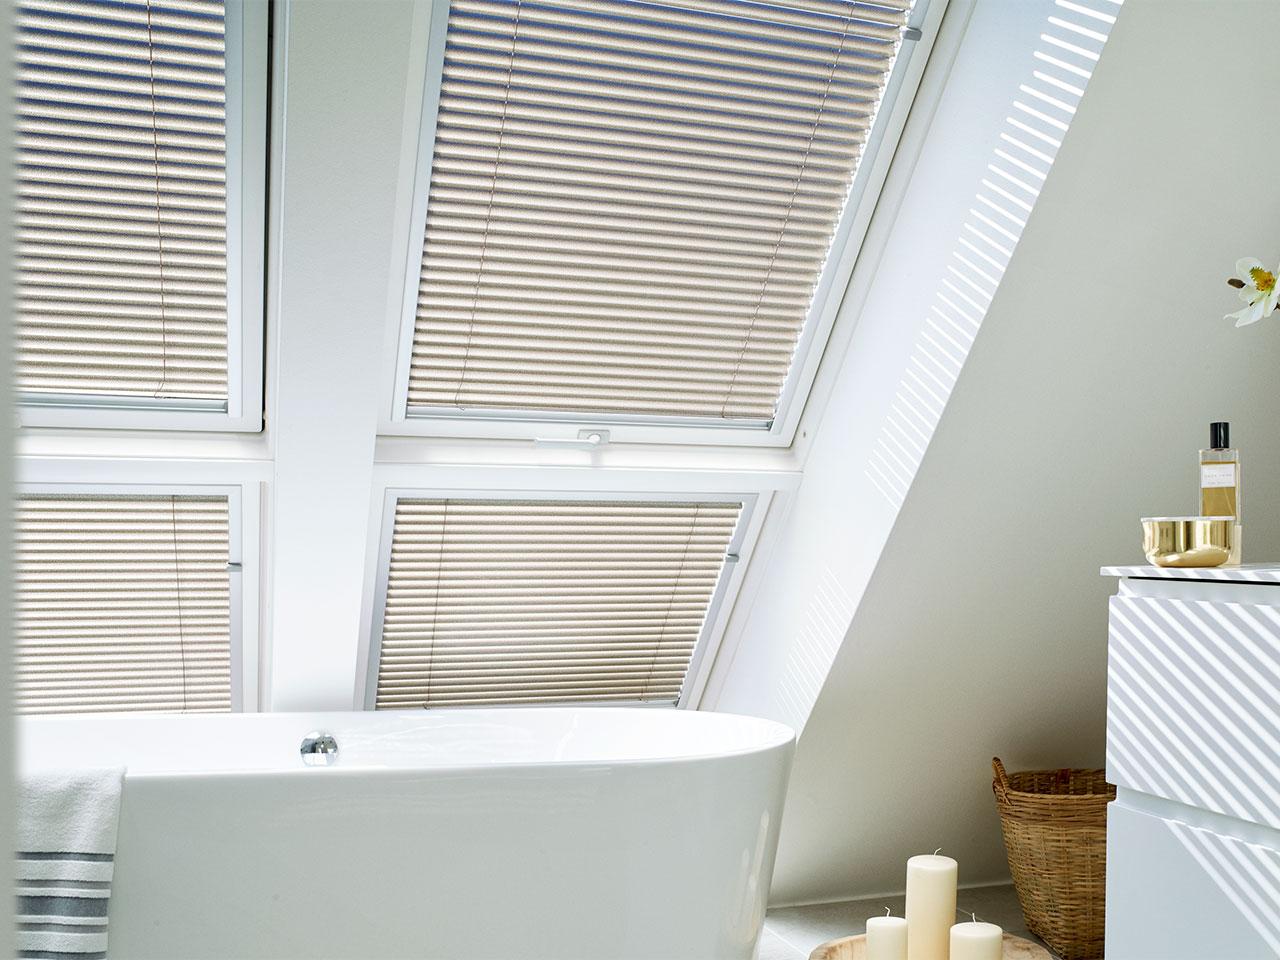 Dachfenster Jalousie   VELUX